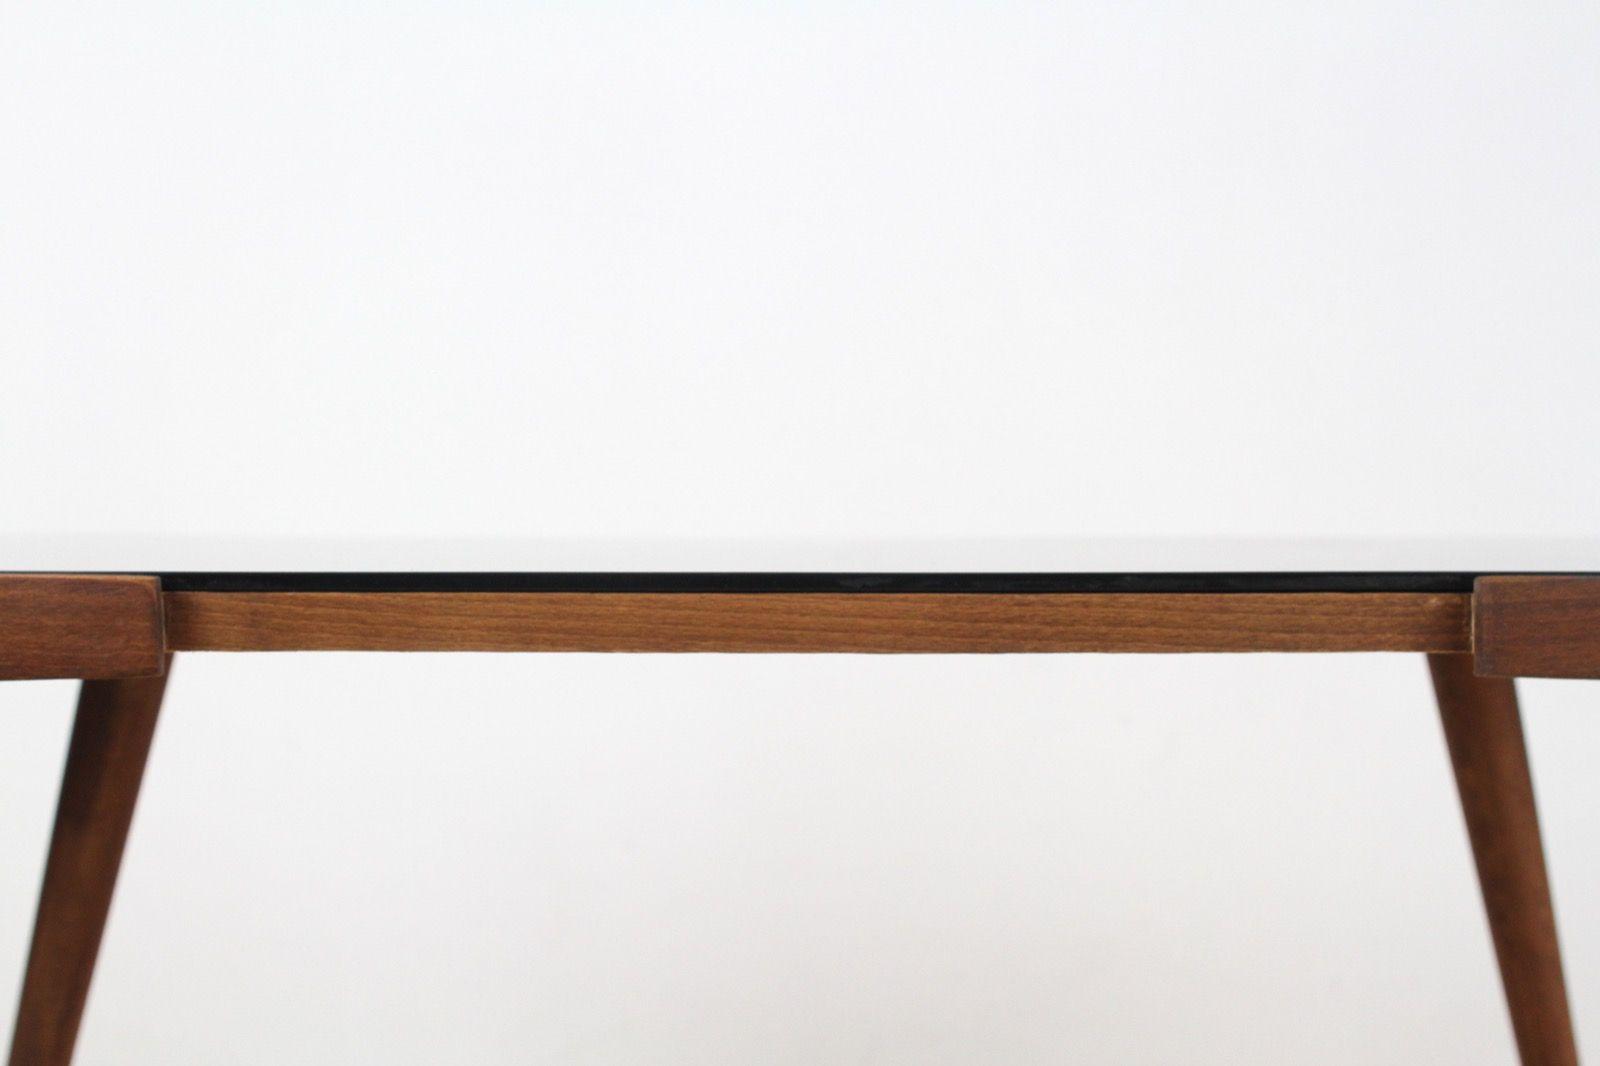 vintage couchtisch mit schwarzer glas tischplatte von ji jiroutek bei pamono kaufen. Black Bedroom Furniture Sets. Home Design Ideas